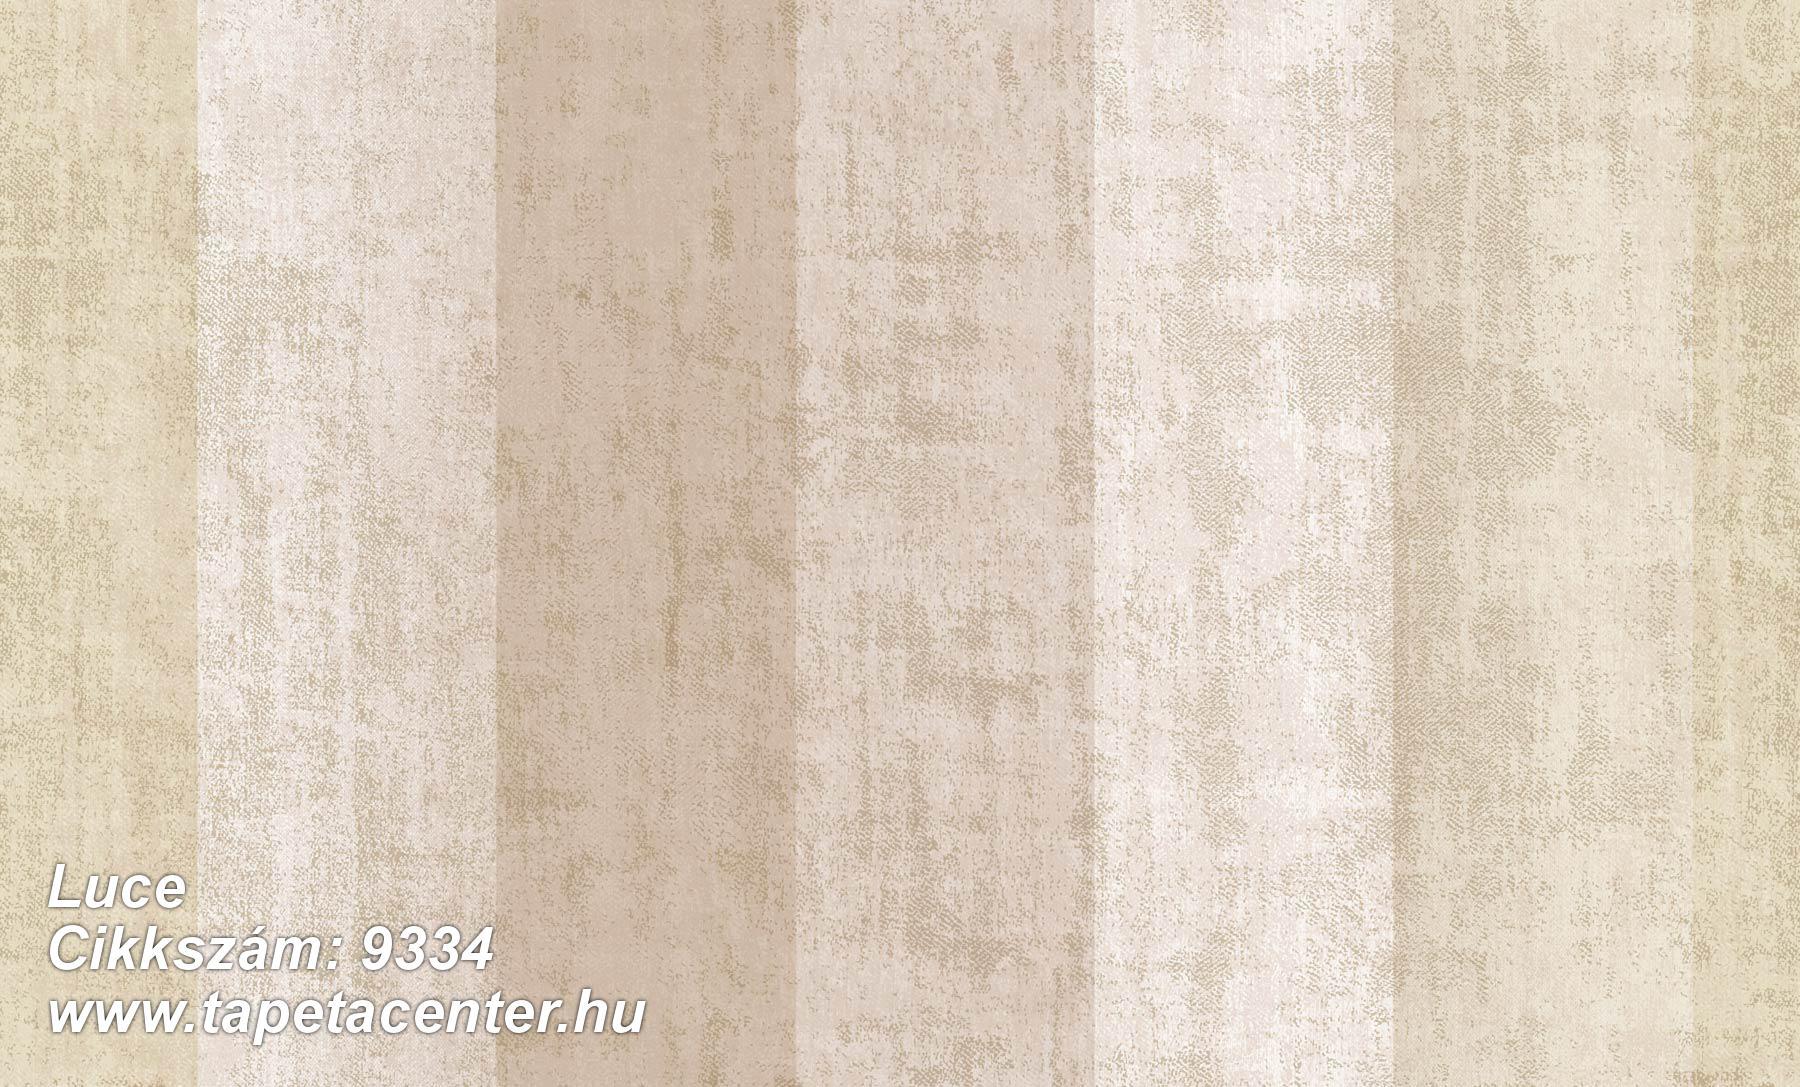 Luce - 9334 Olasz tapéta